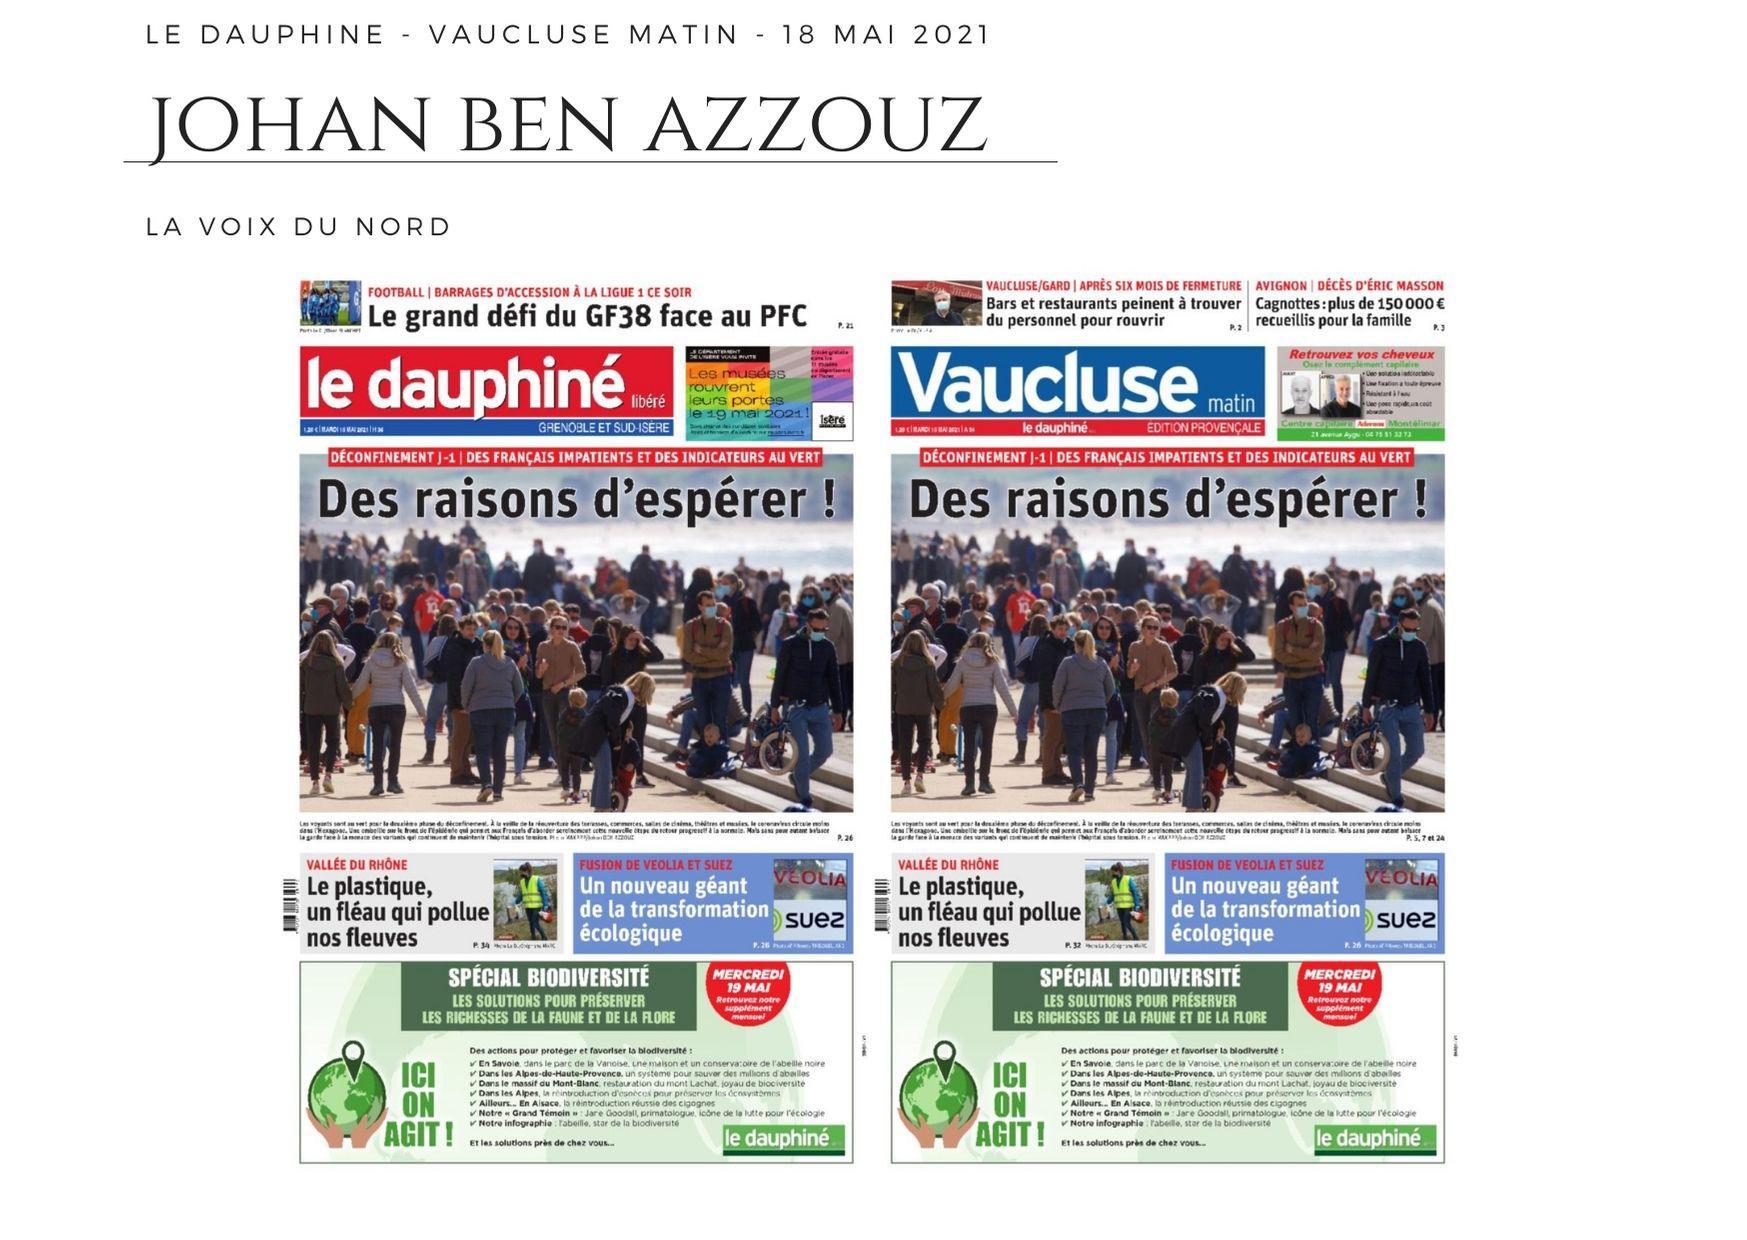 Le Dauphiné - Vaucluse Matin - 18 mai 2021